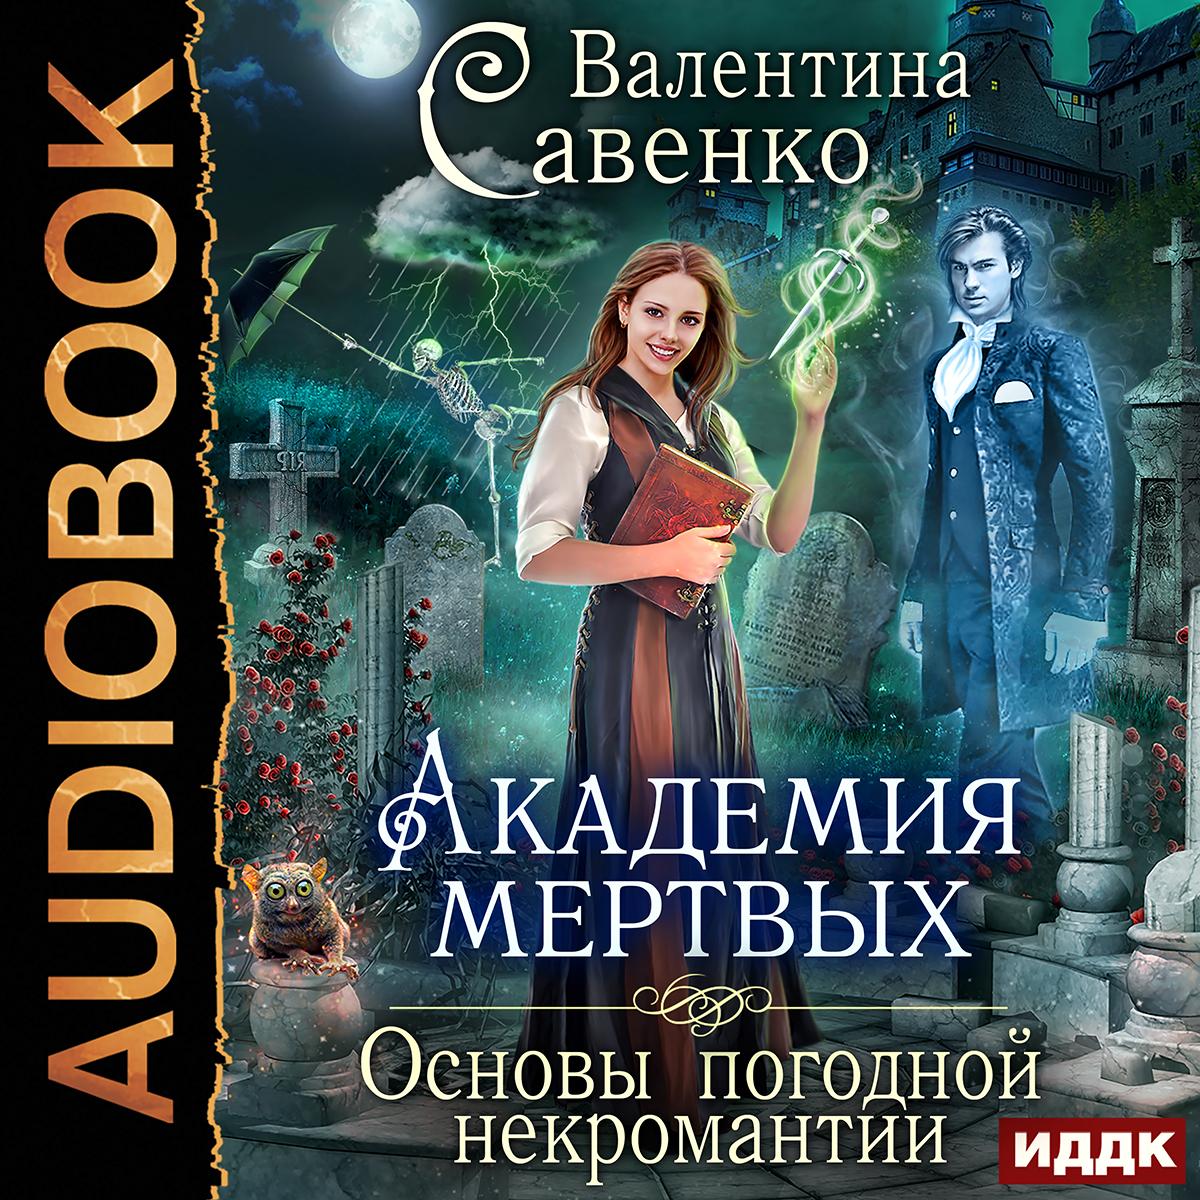 читать книги любовь фэнтези академия